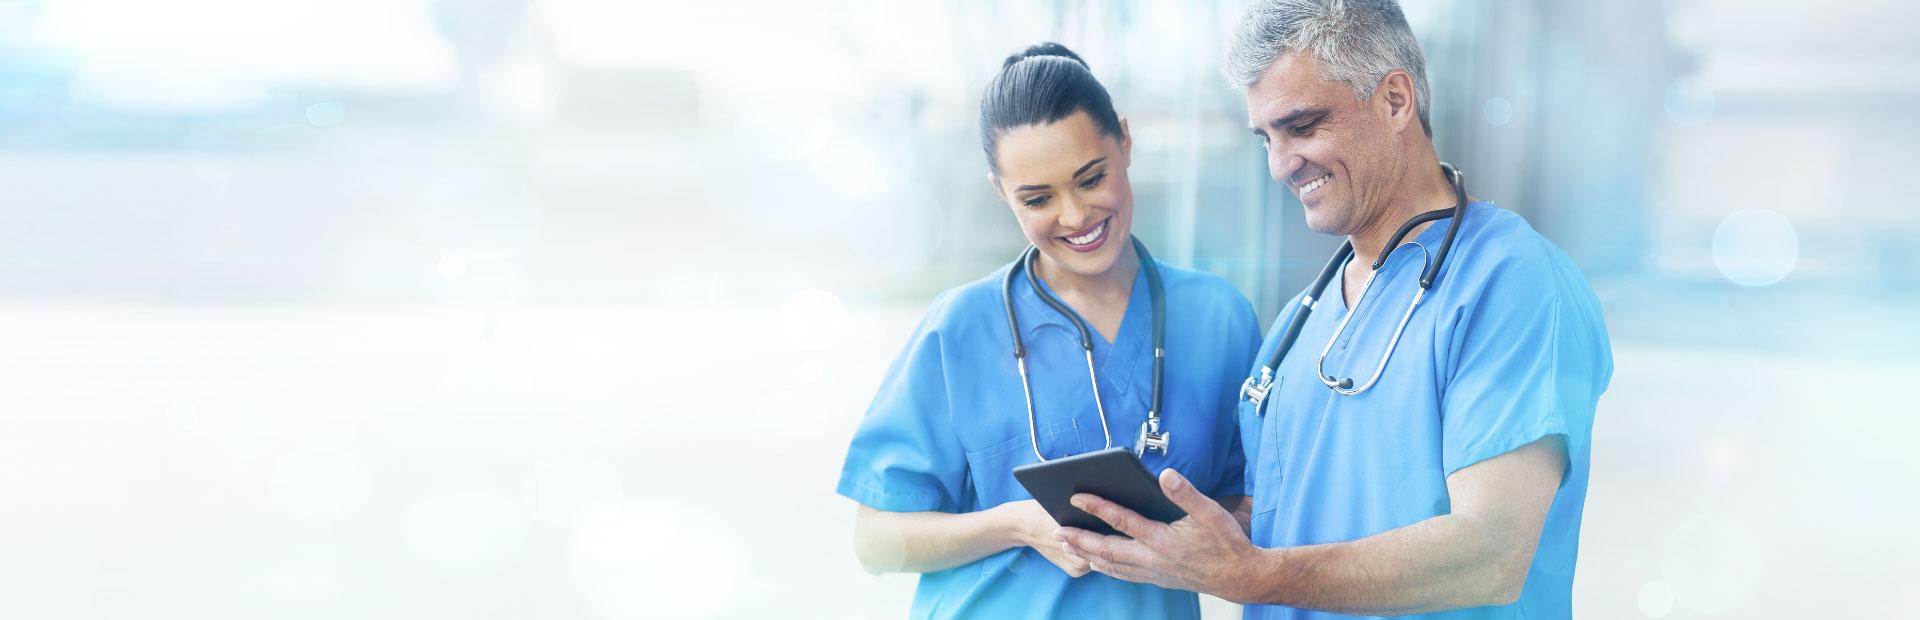 O sistema para clínica mais completo e eficaz